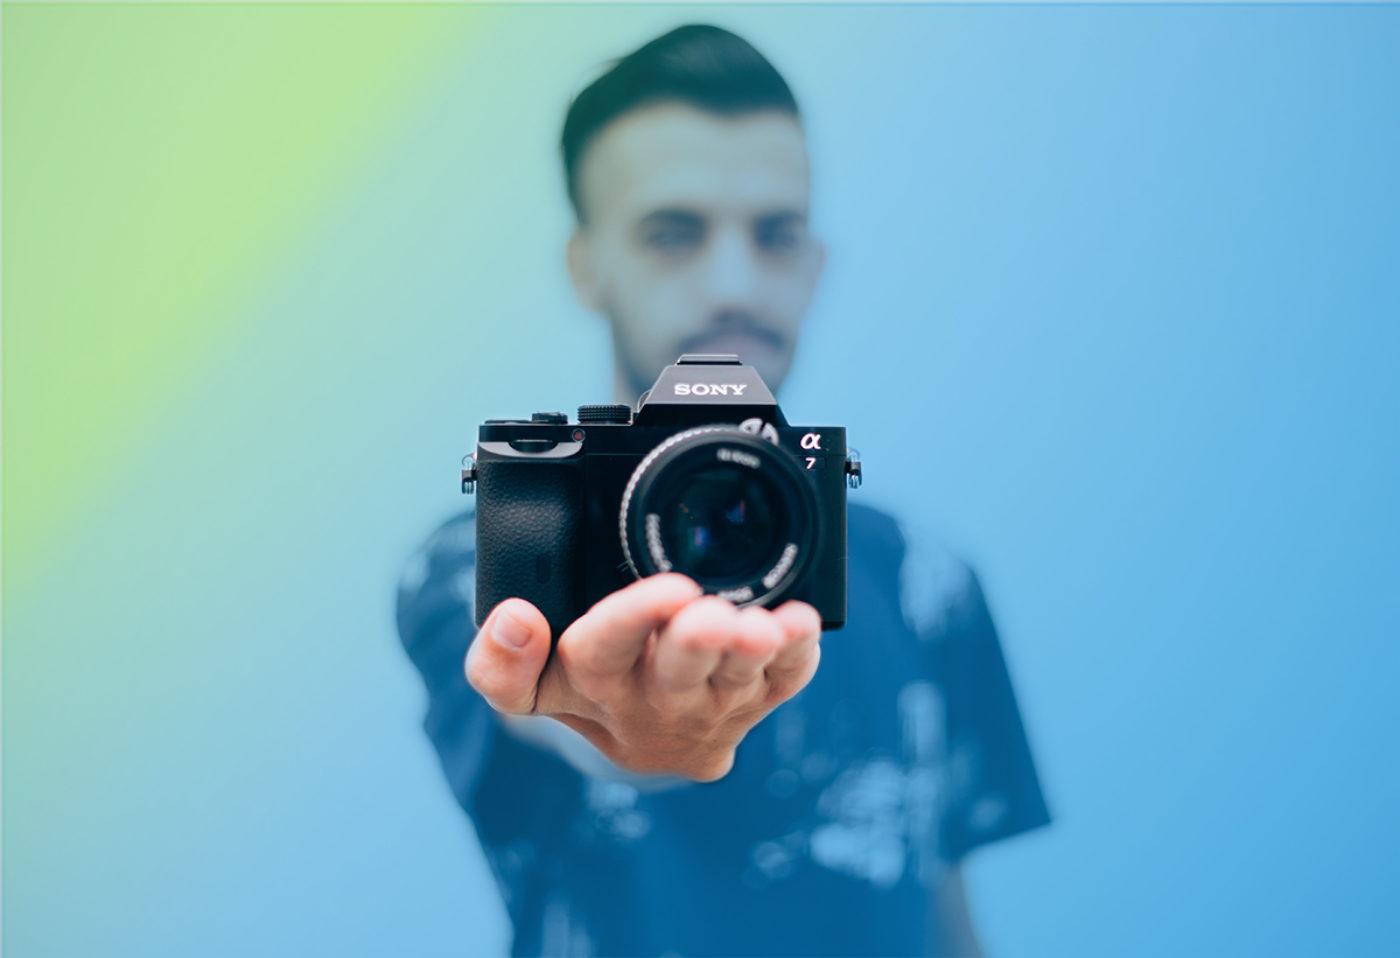 Статті: 5 принципів створення захоплюючих фотографій